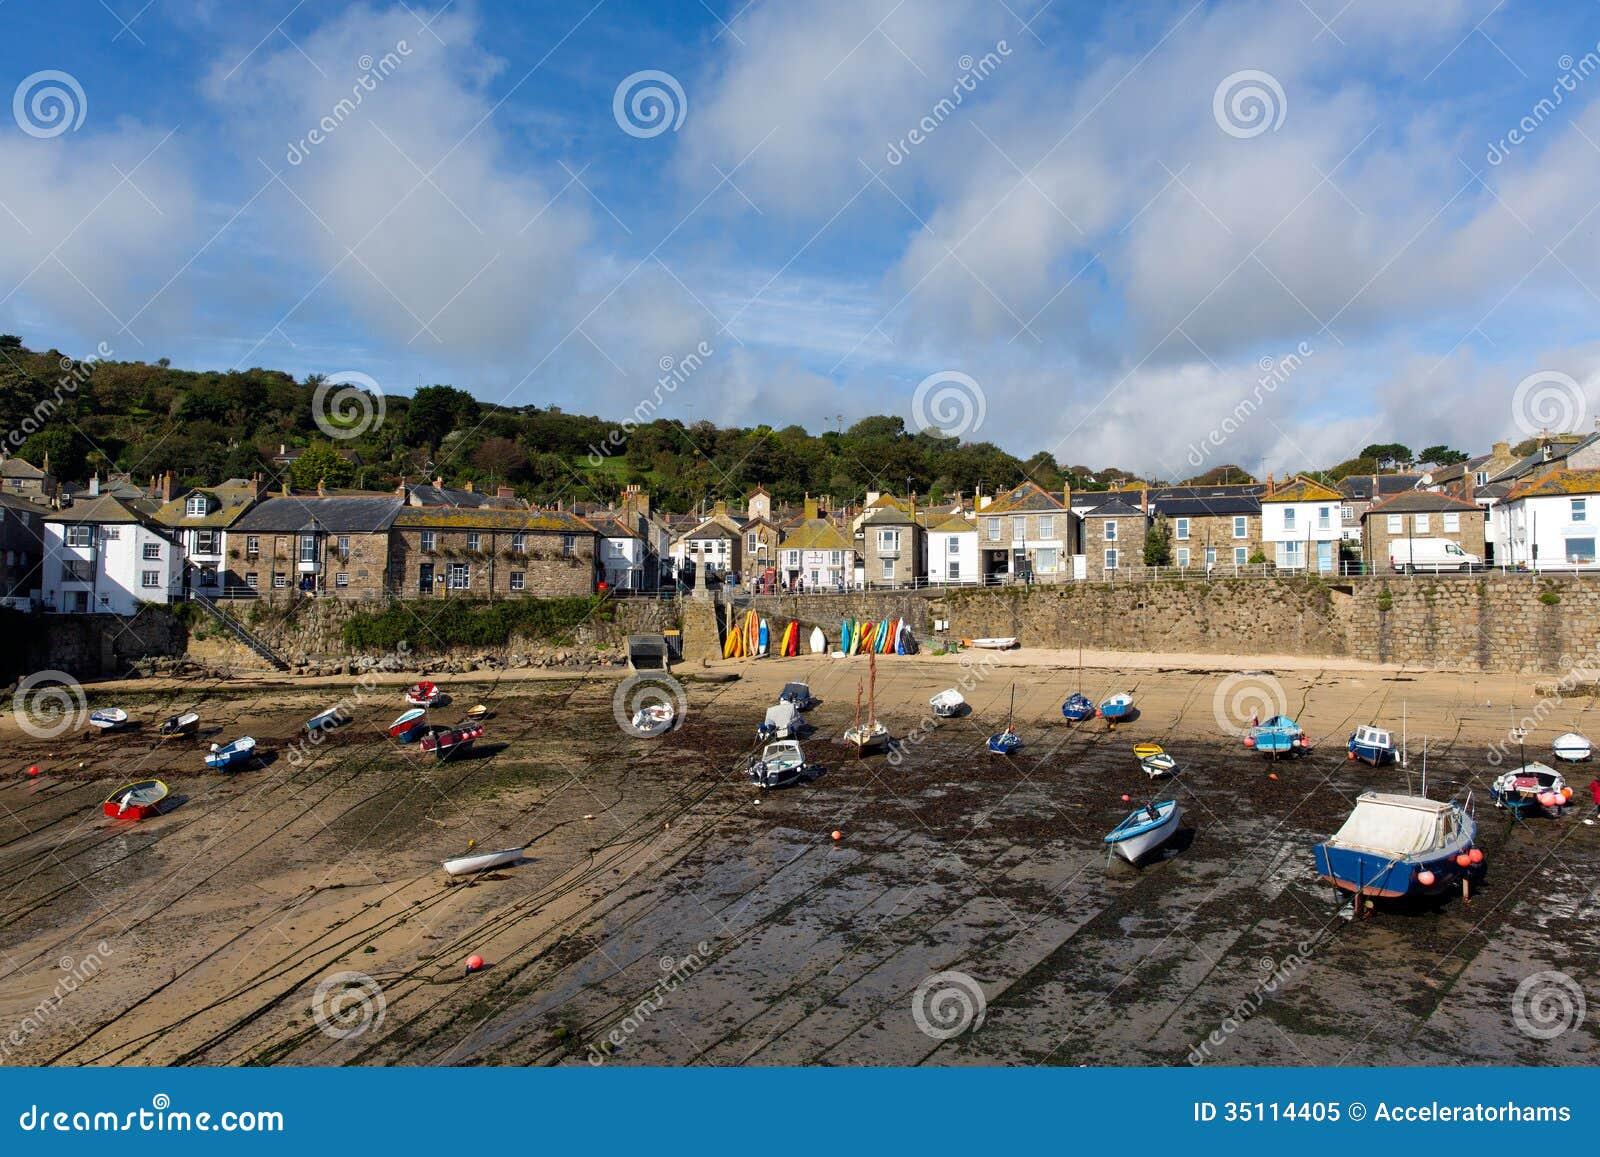 ... UK Cornish Fishing Village Royalty Free Stock Photo - Image: 35114405